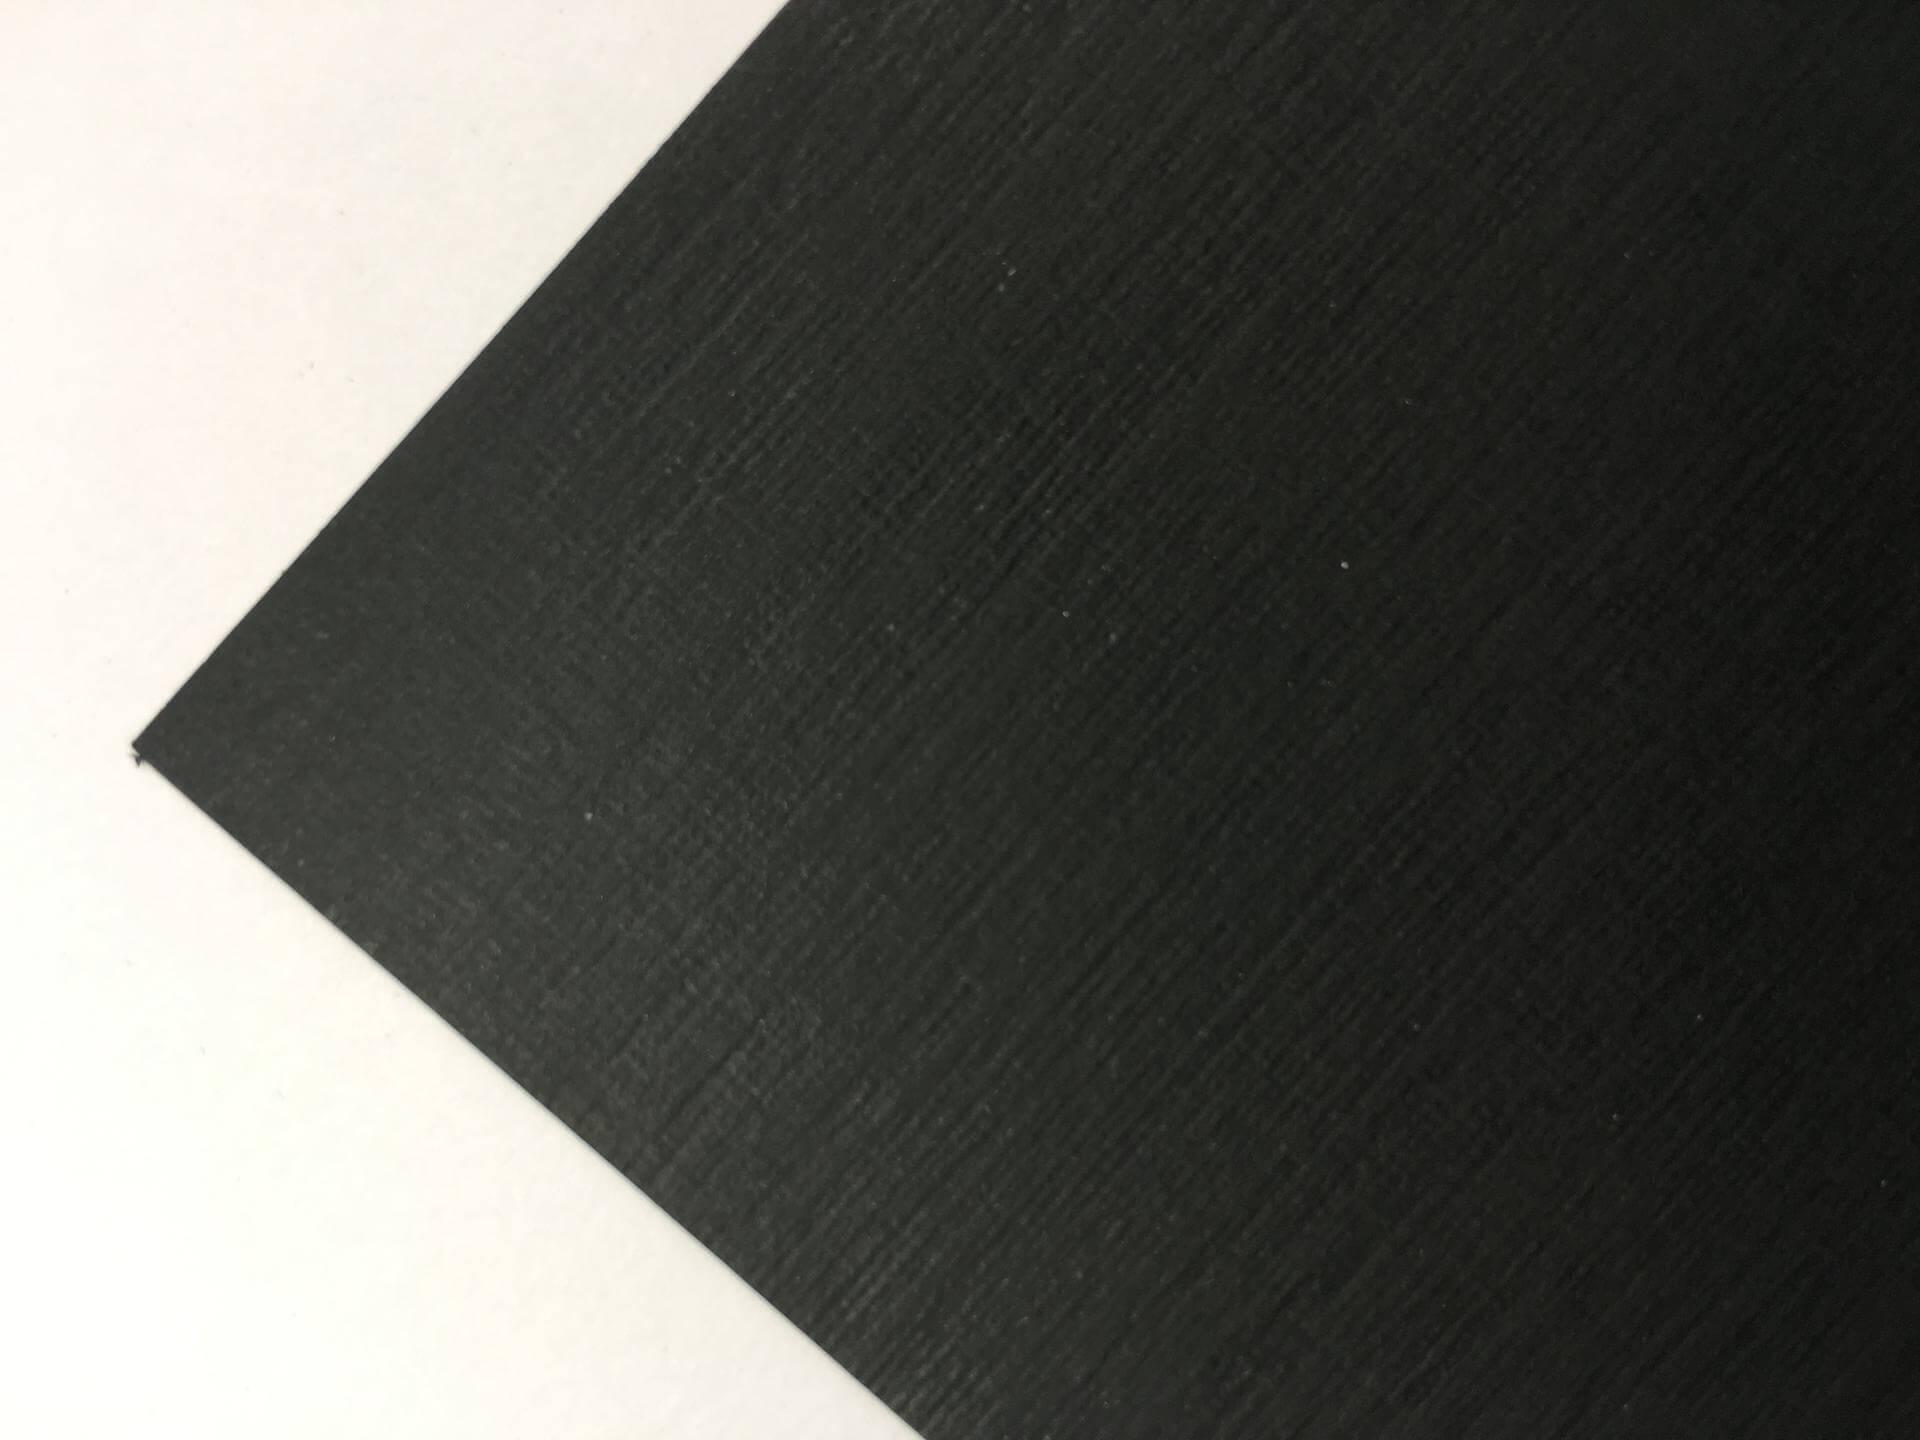 Sirio tela nero